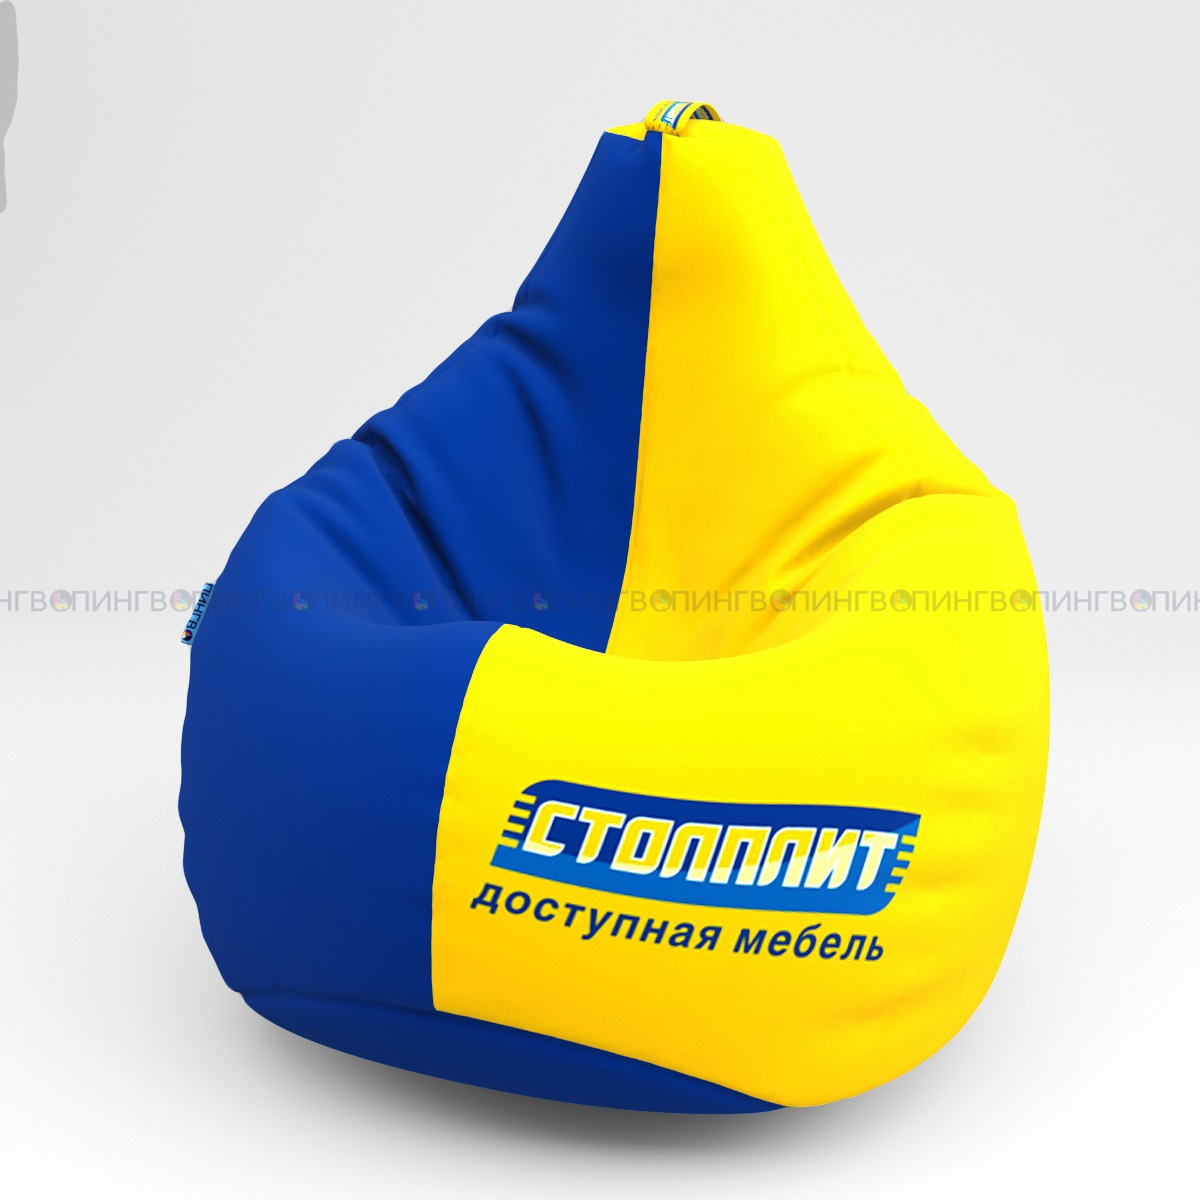 Логотипированный мешок